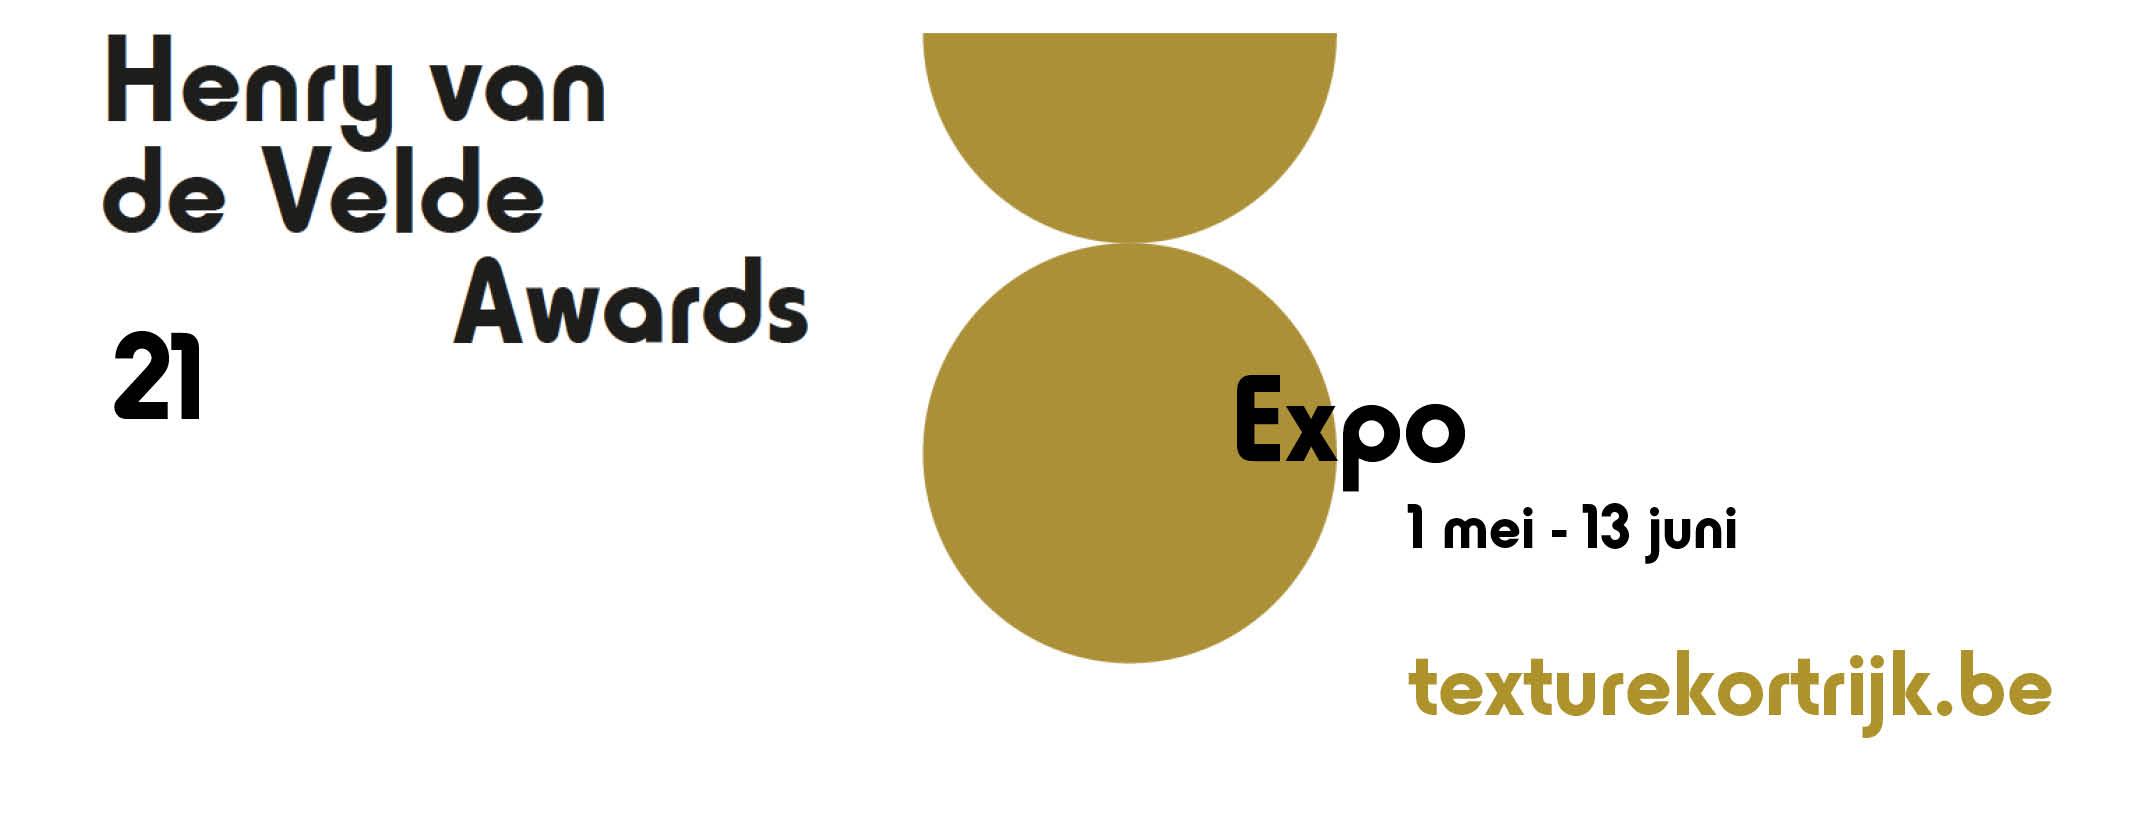 Campagnebeeld Henry van de Velde Awards 21: De West-Vlaamse laureaten